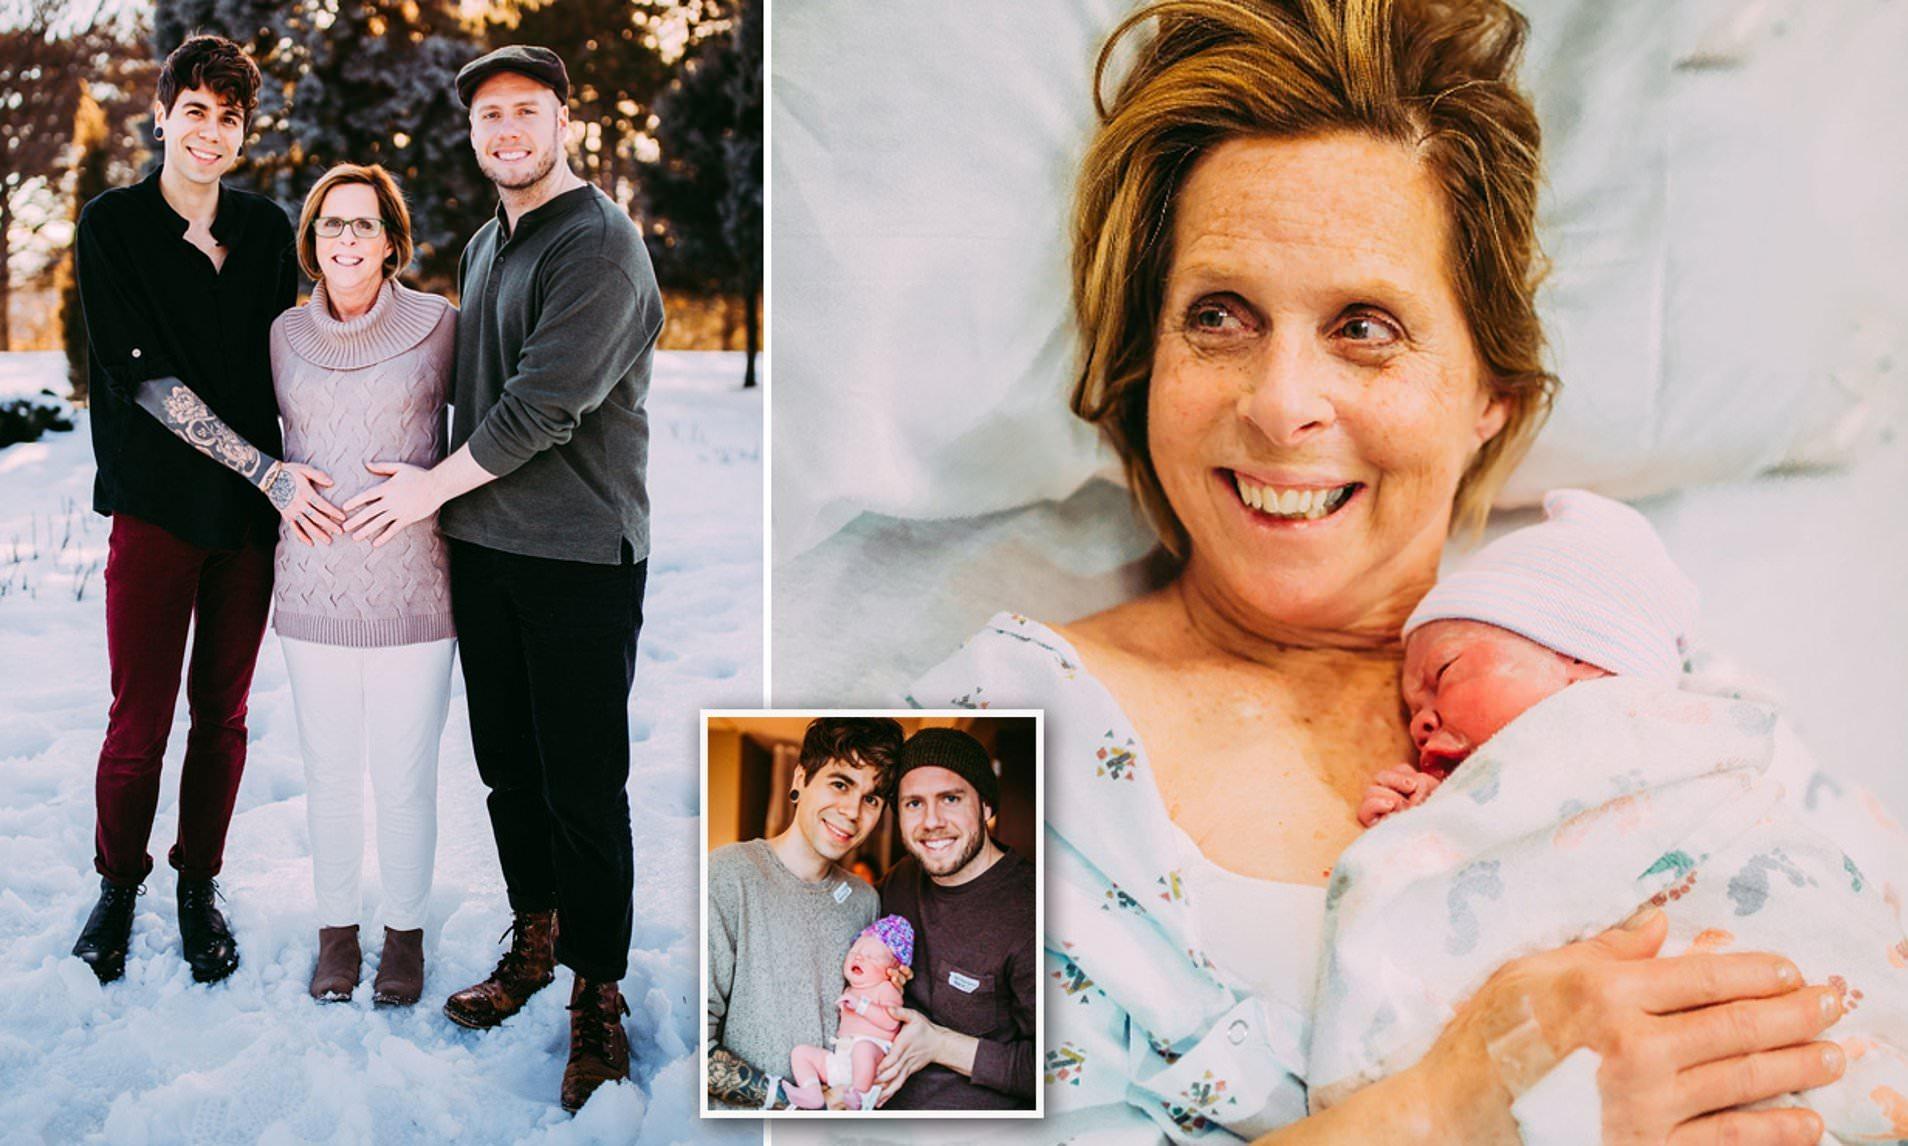 61-летняя американка родила ребенка для сына и его мужа